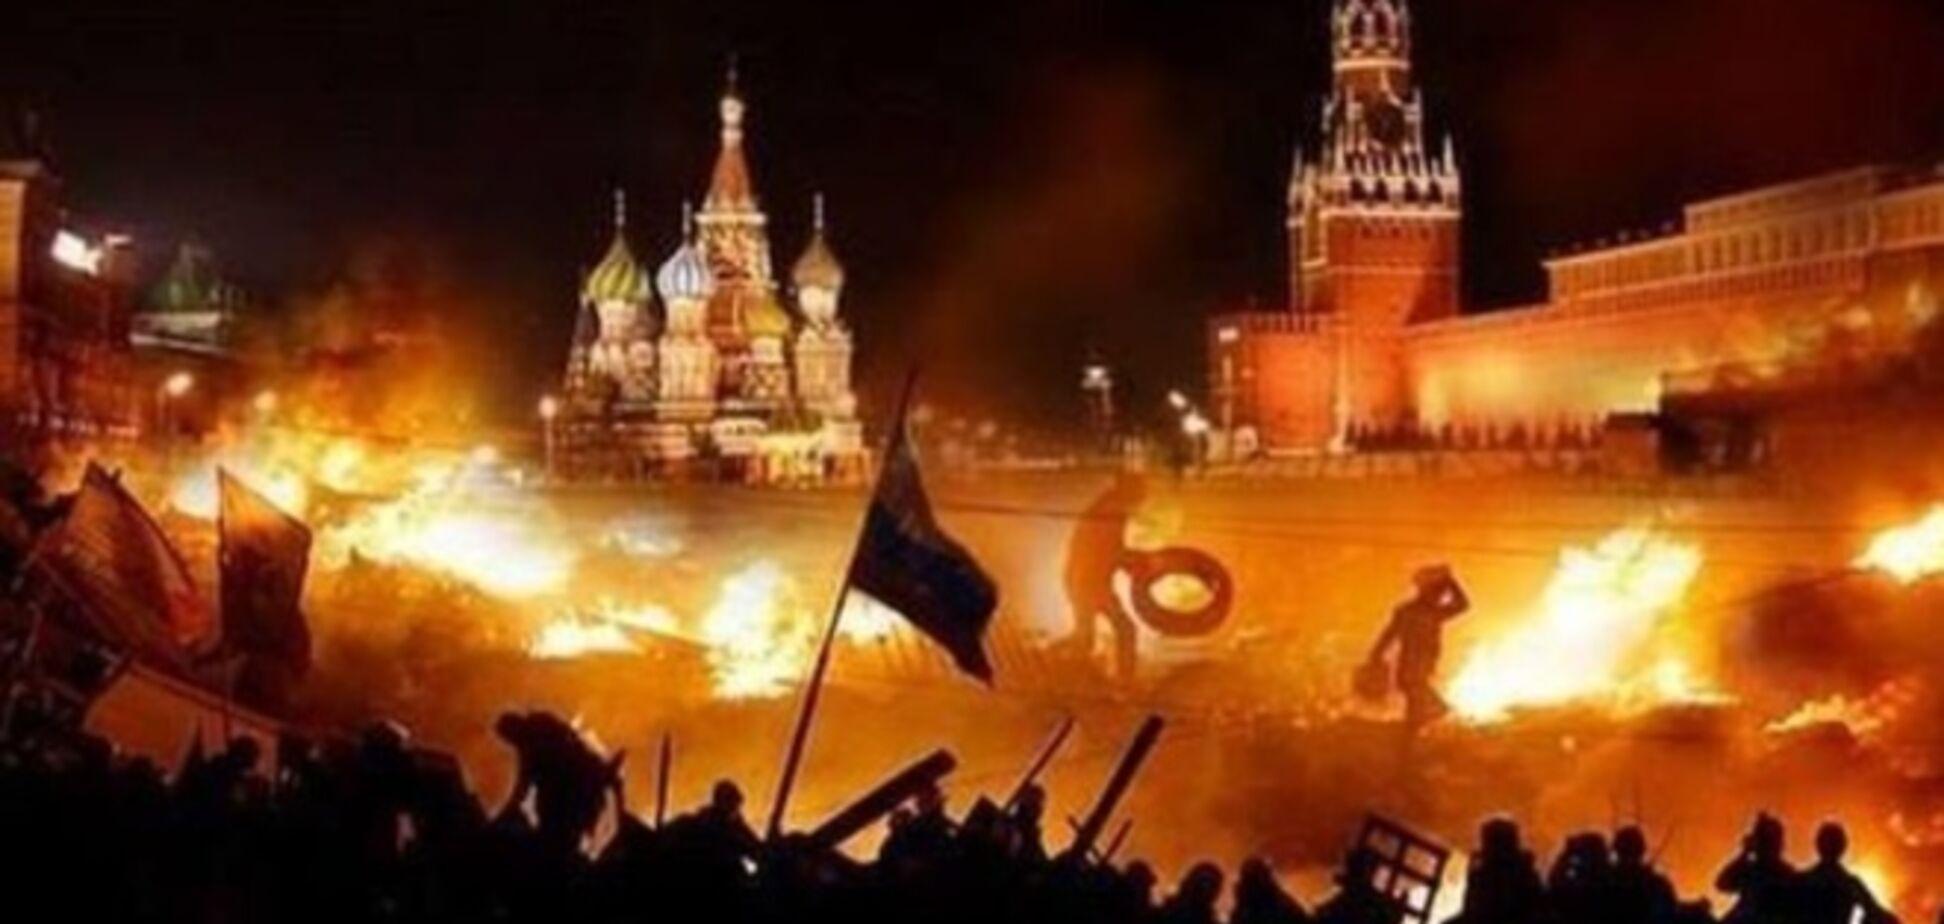 Я не буду сильно удивлен, если в Москве начнут гранаты кидать в толпу